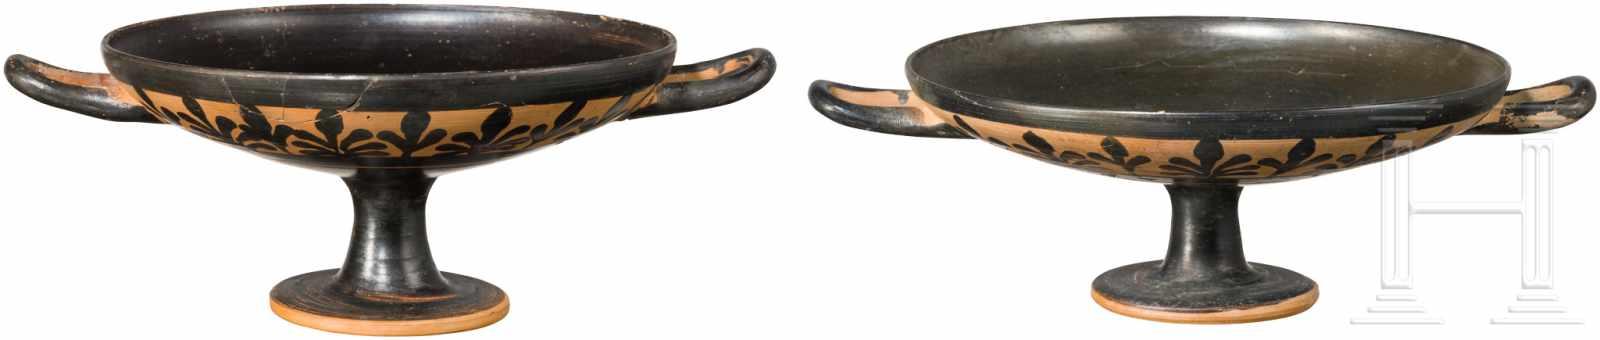 Lot 1648 - Zwei attische Trinkschalen, Griechenland, 4. Jhdt. v. Chr.Schwarz gefirnisste Trinkschalen. Innen je